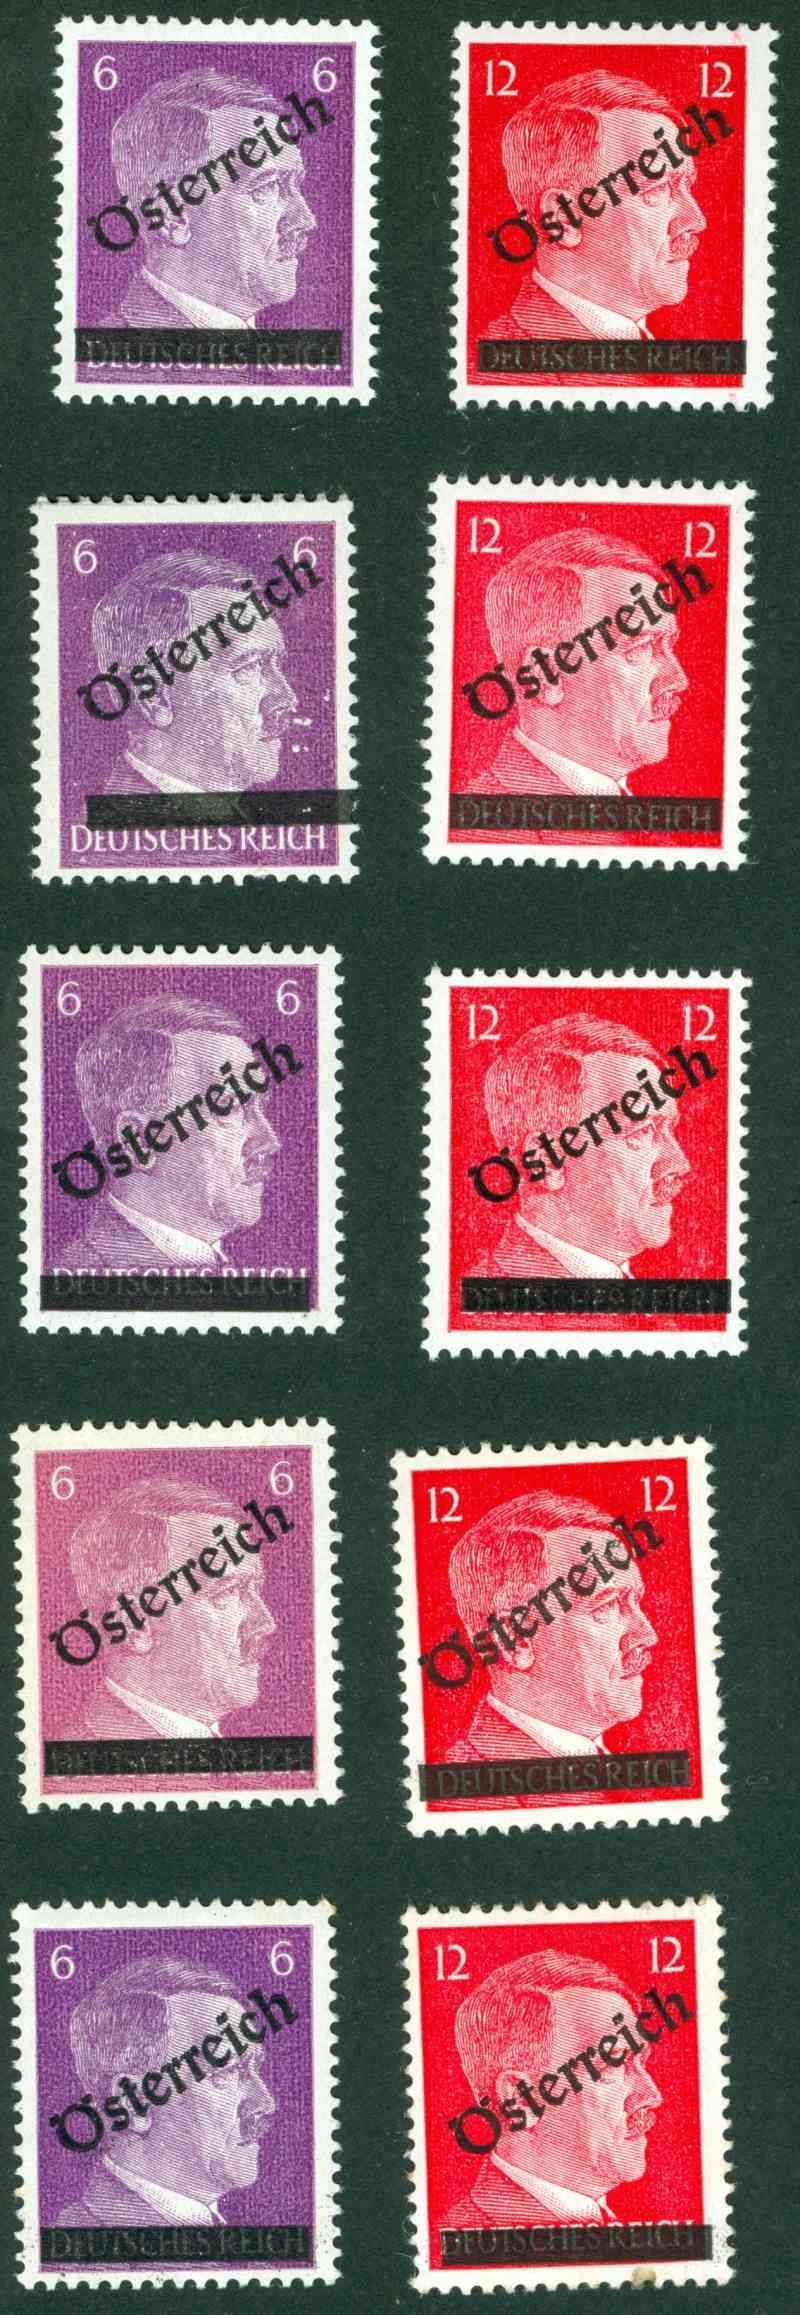 I. Wiener Aushilfsausgabe, zweite Ausgabe 1945_117